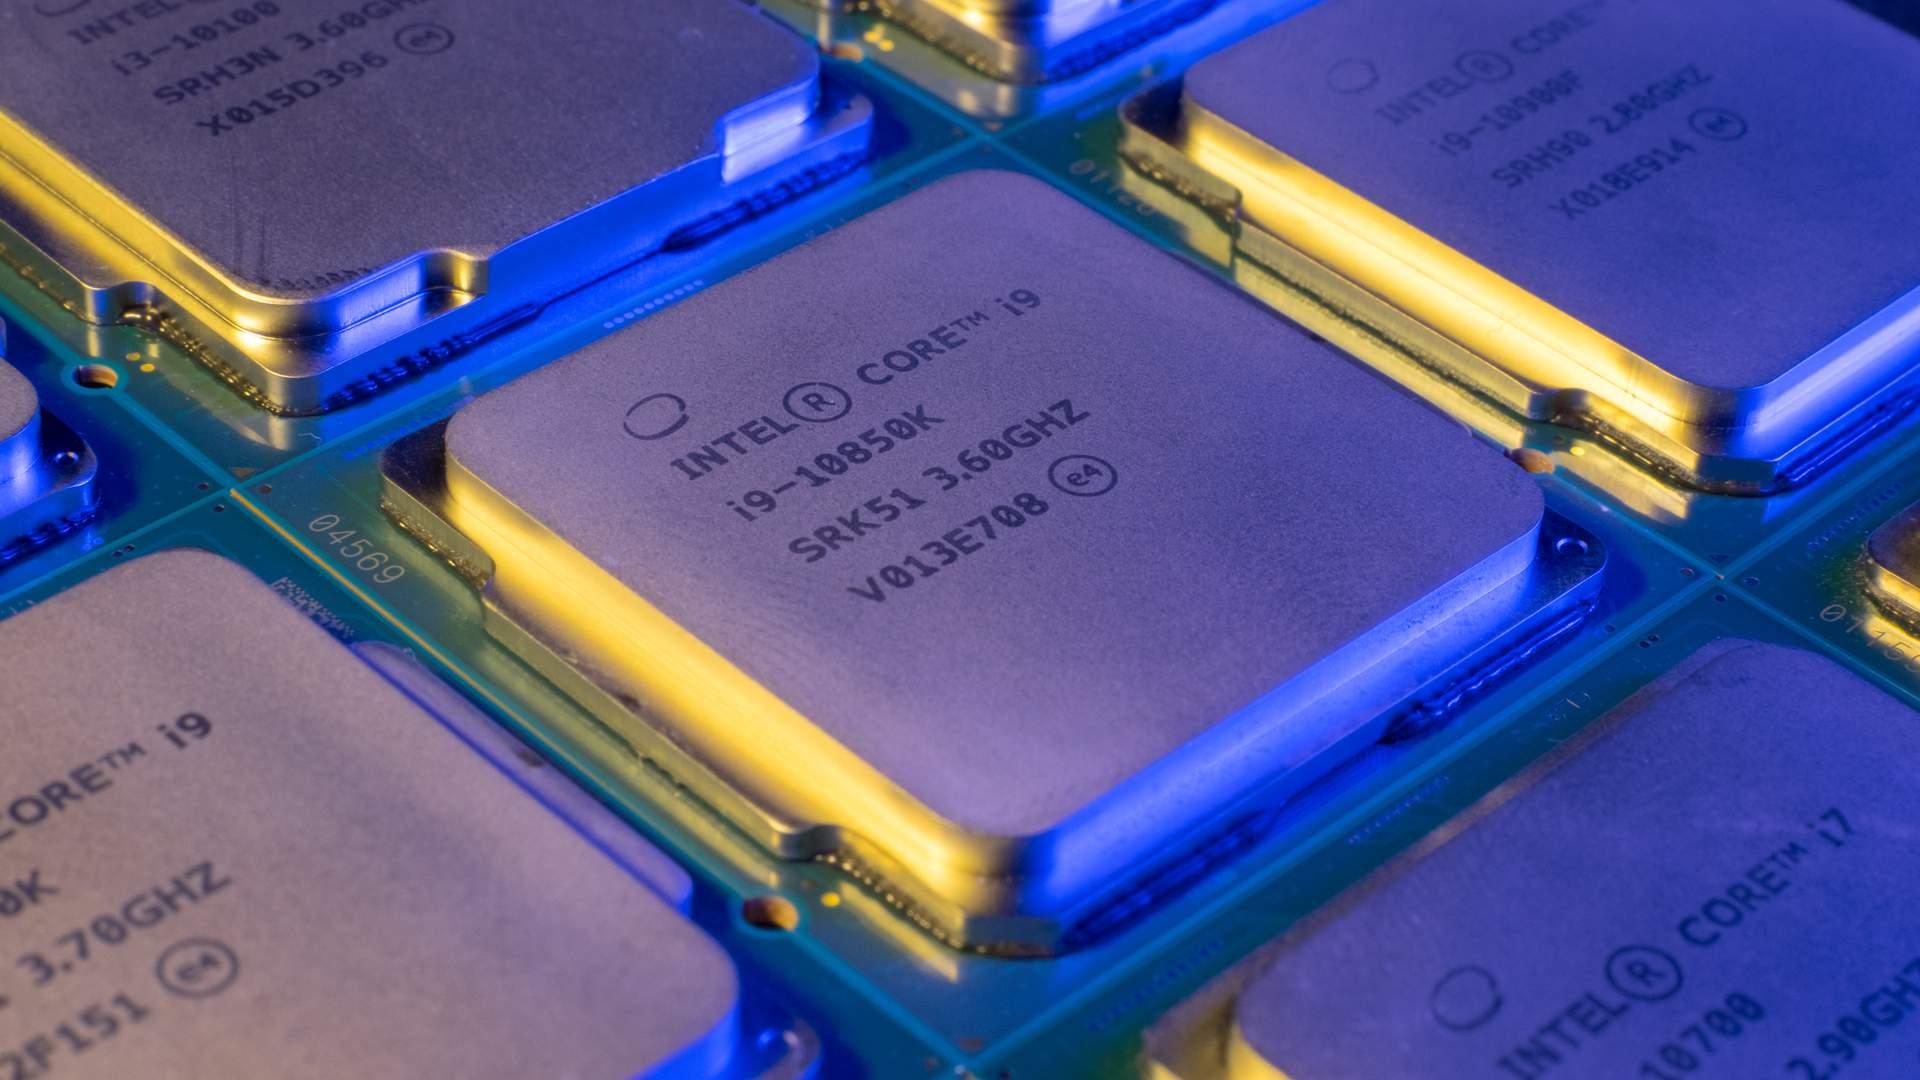 Processadores Intel Core i9 alinhados